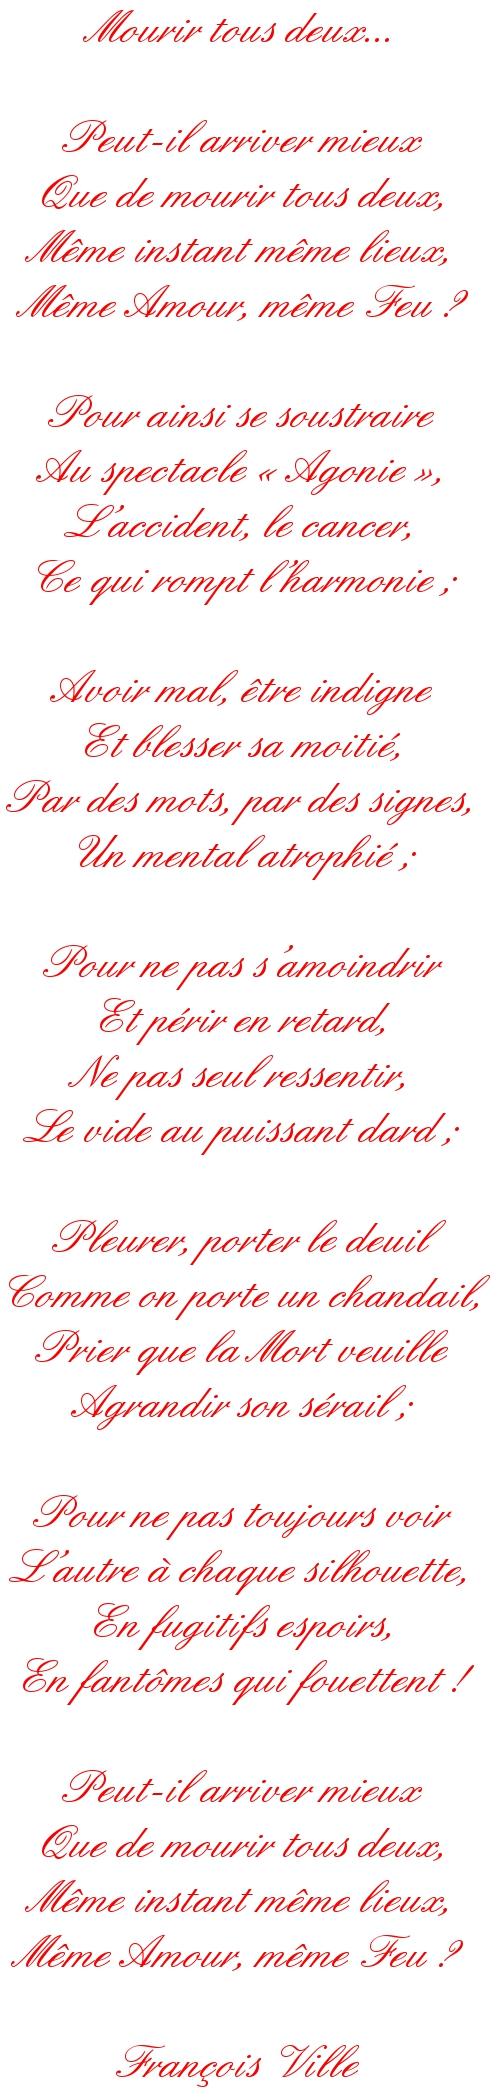 http://francoisville.free.fr/photos/mourir%20tous%20deux%20-%20francois%20ville.jpg